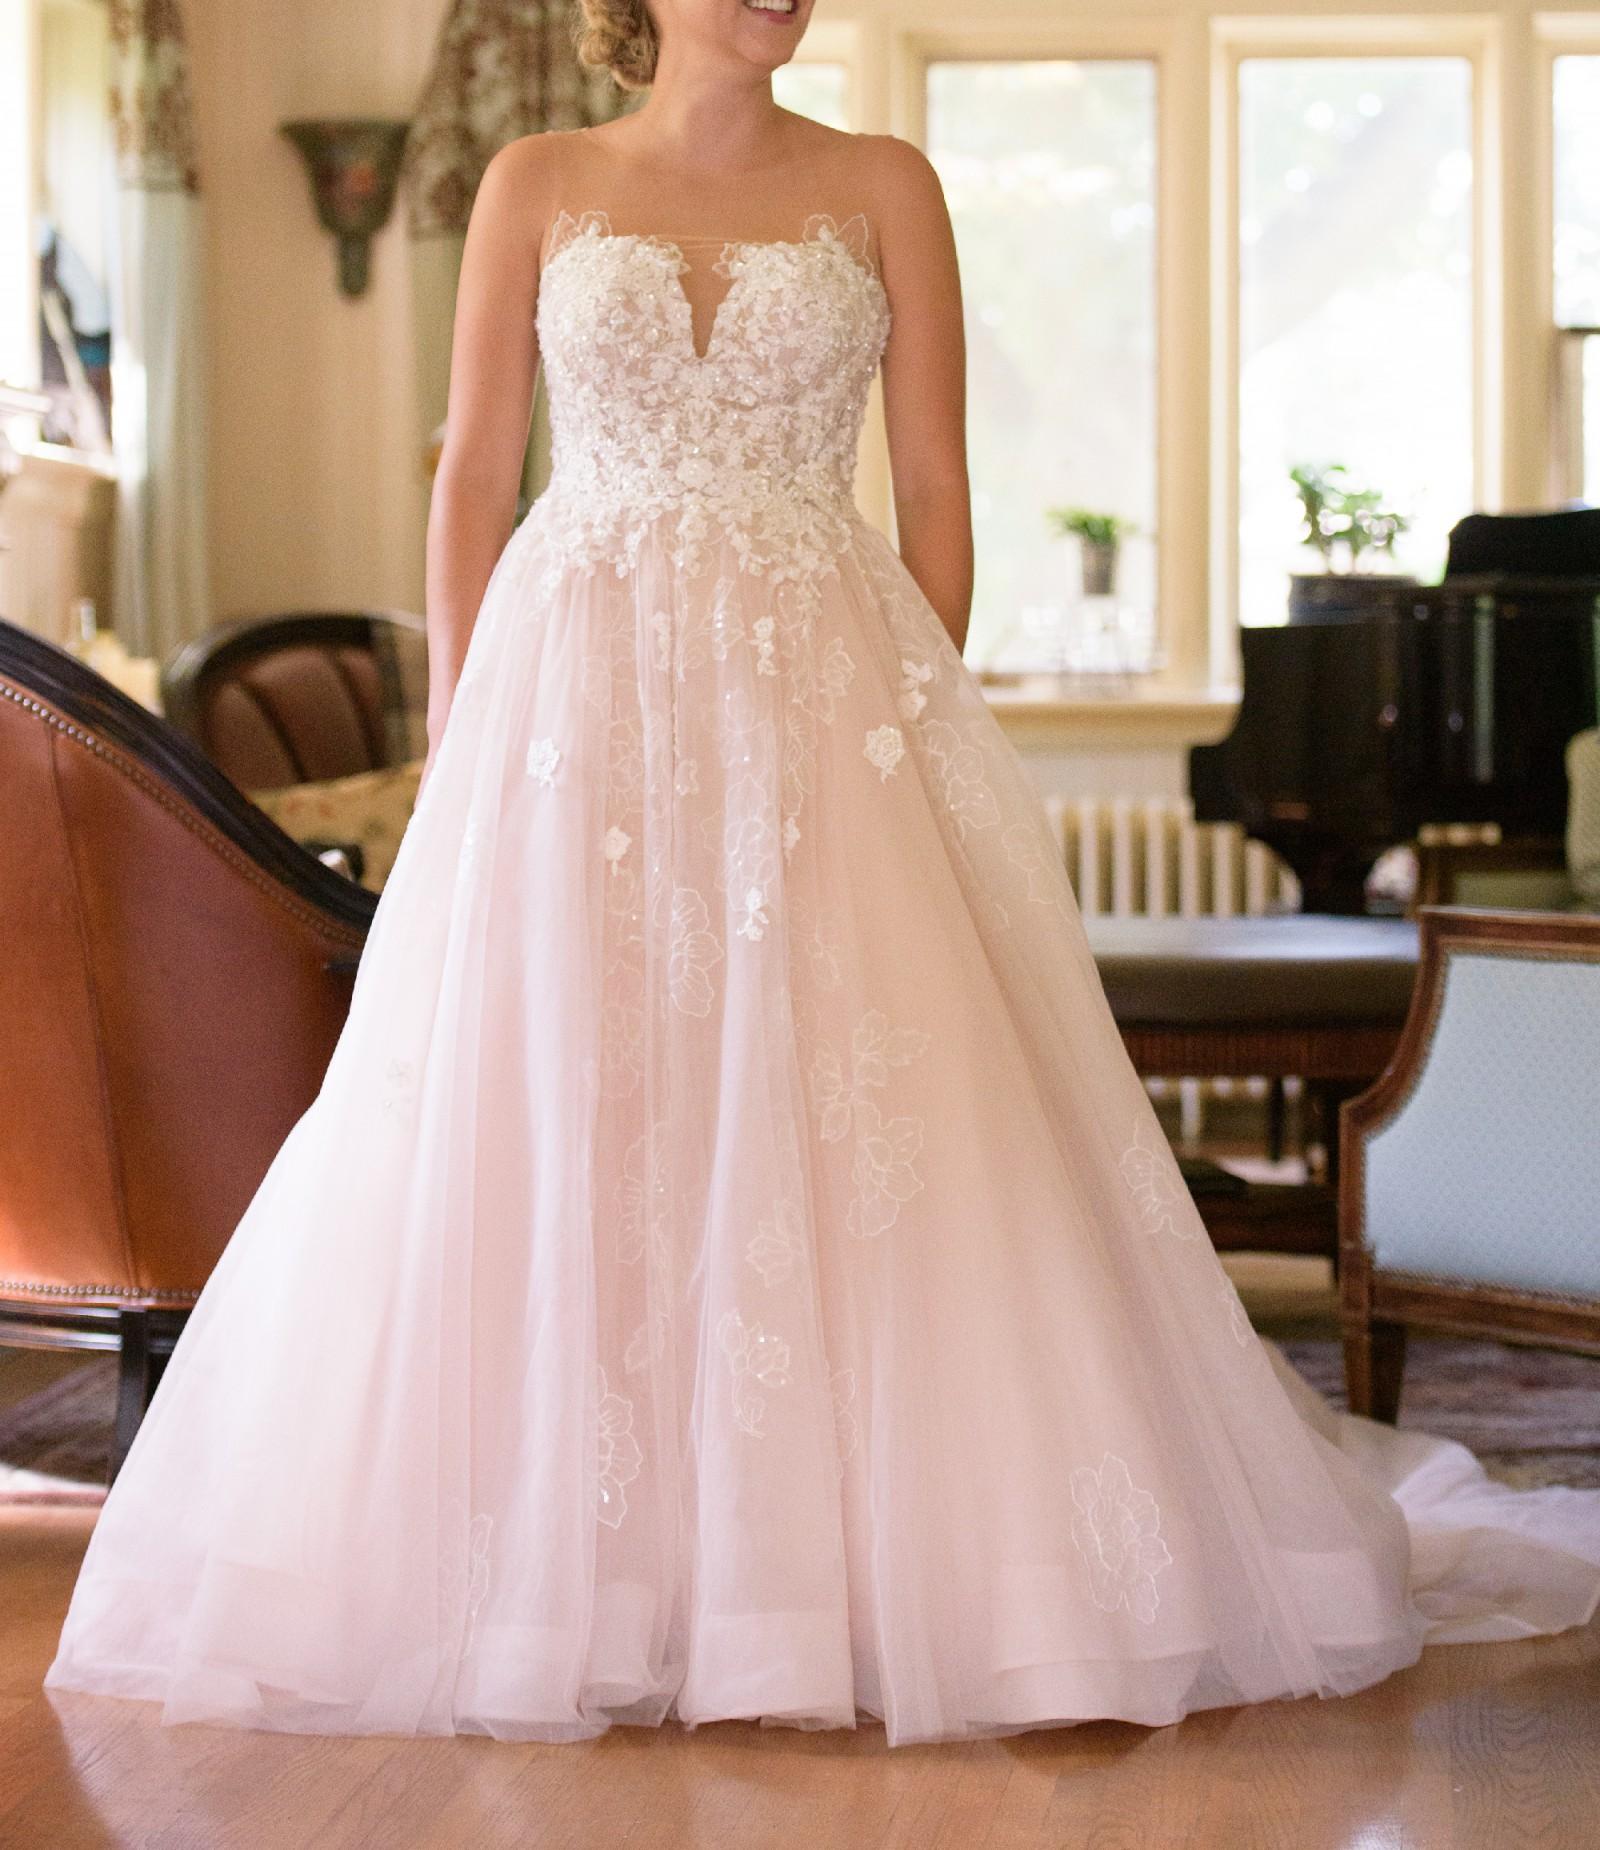 Essense Of Australia D2126 Used Wedding Dress On Sale 50